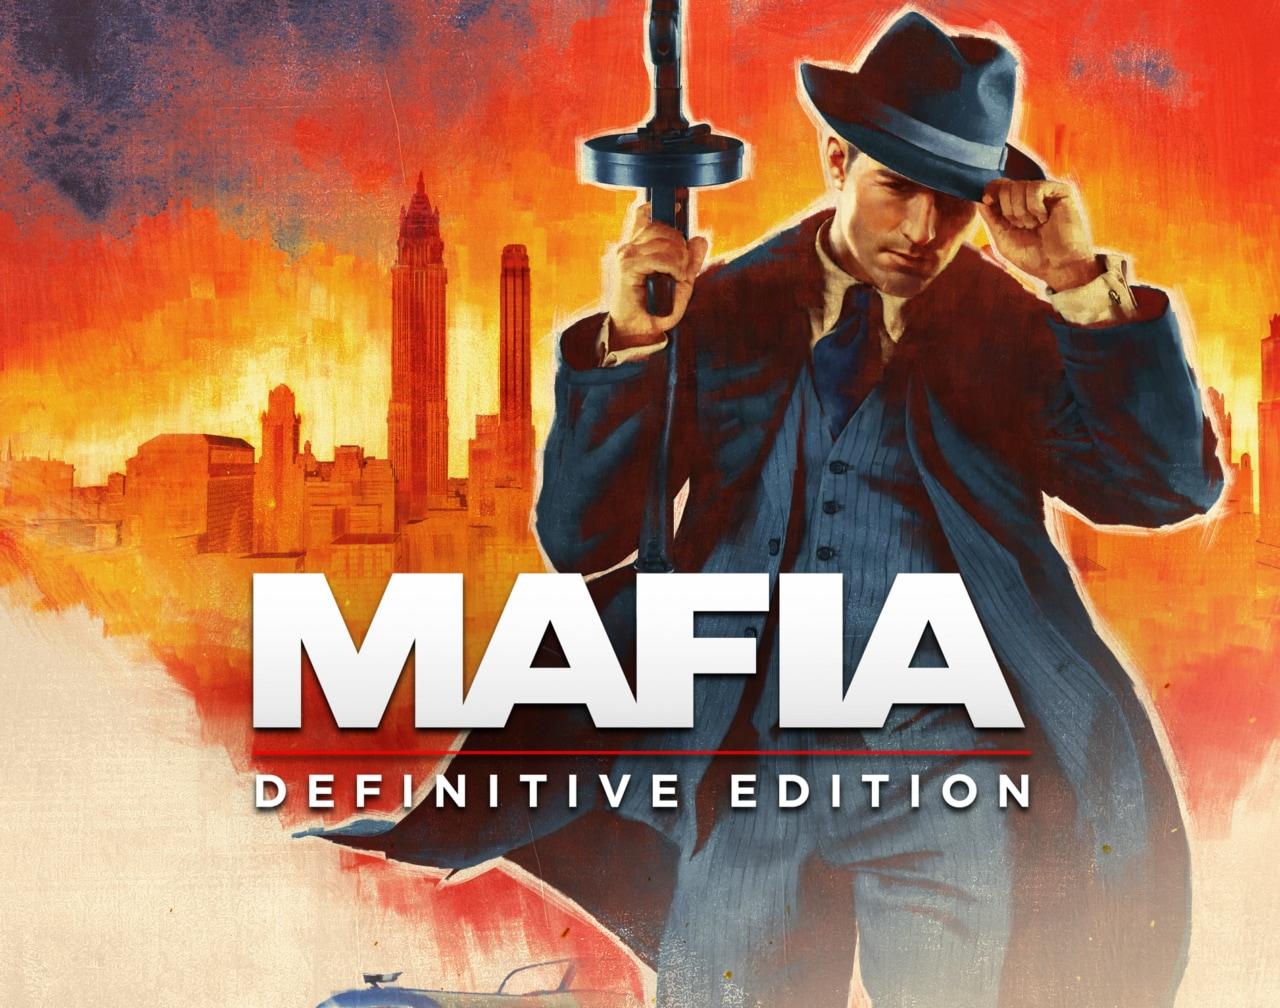 Recensione Mafia Definitive Edition: una (spettacolare) mancanza di rispetto